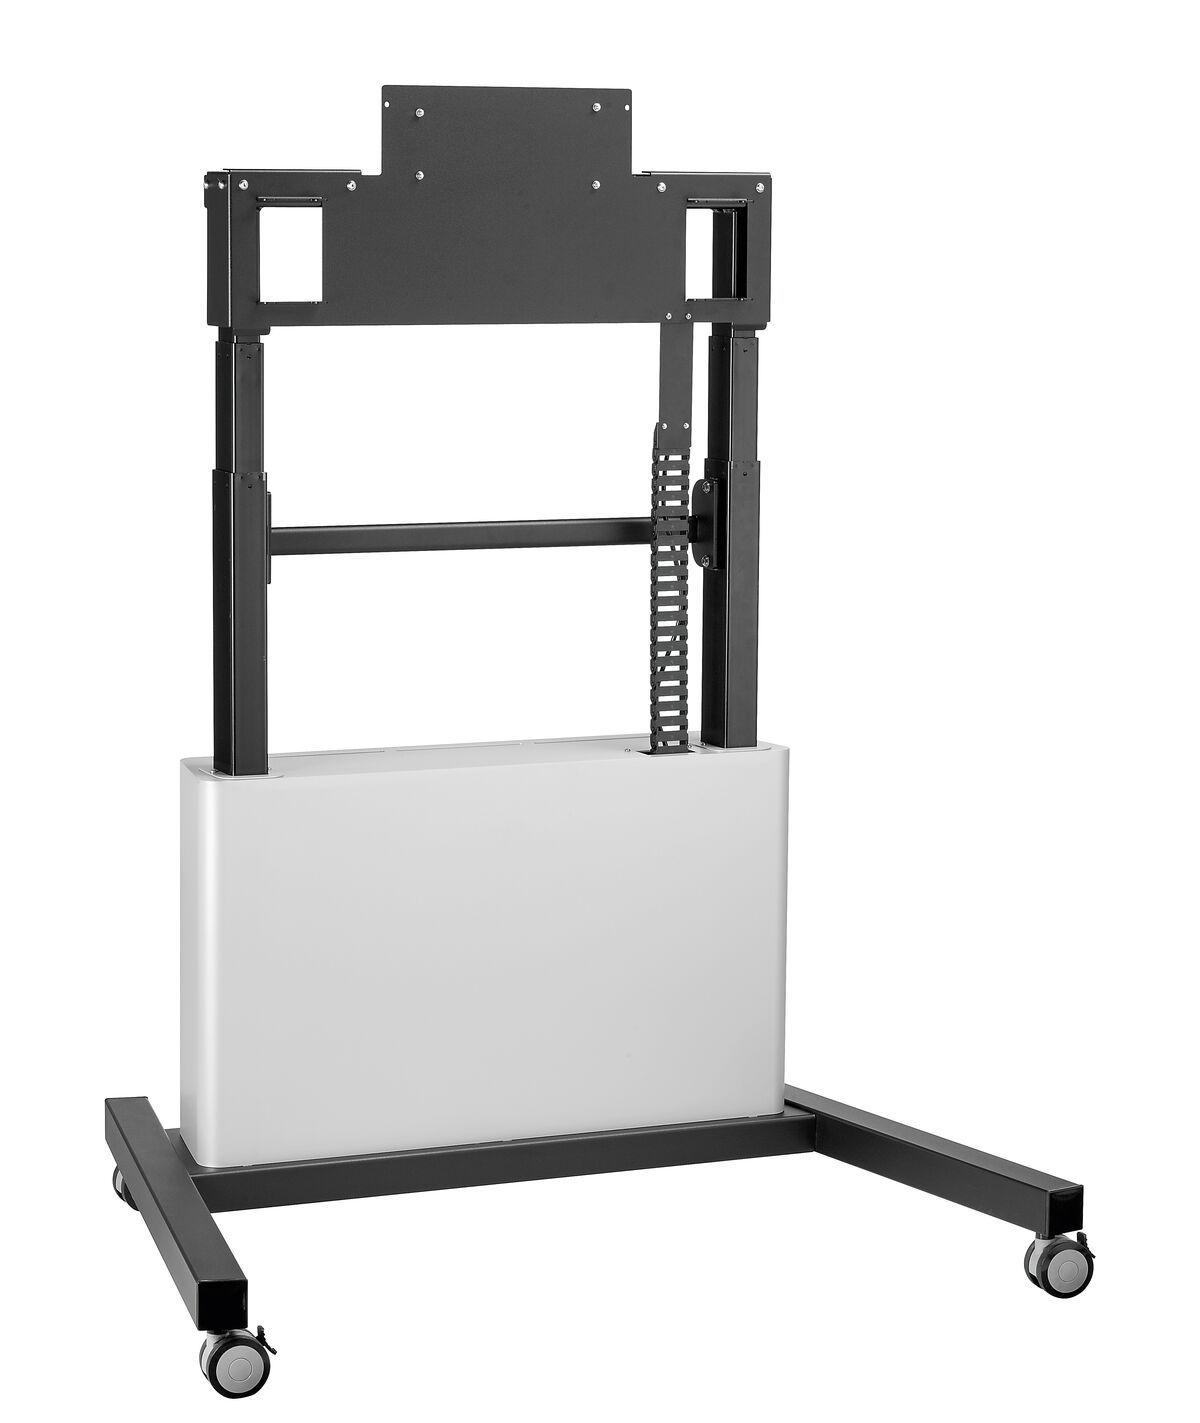 Vogel's PFTE 7111 Gemotoriseerde display trolley met kast - Product